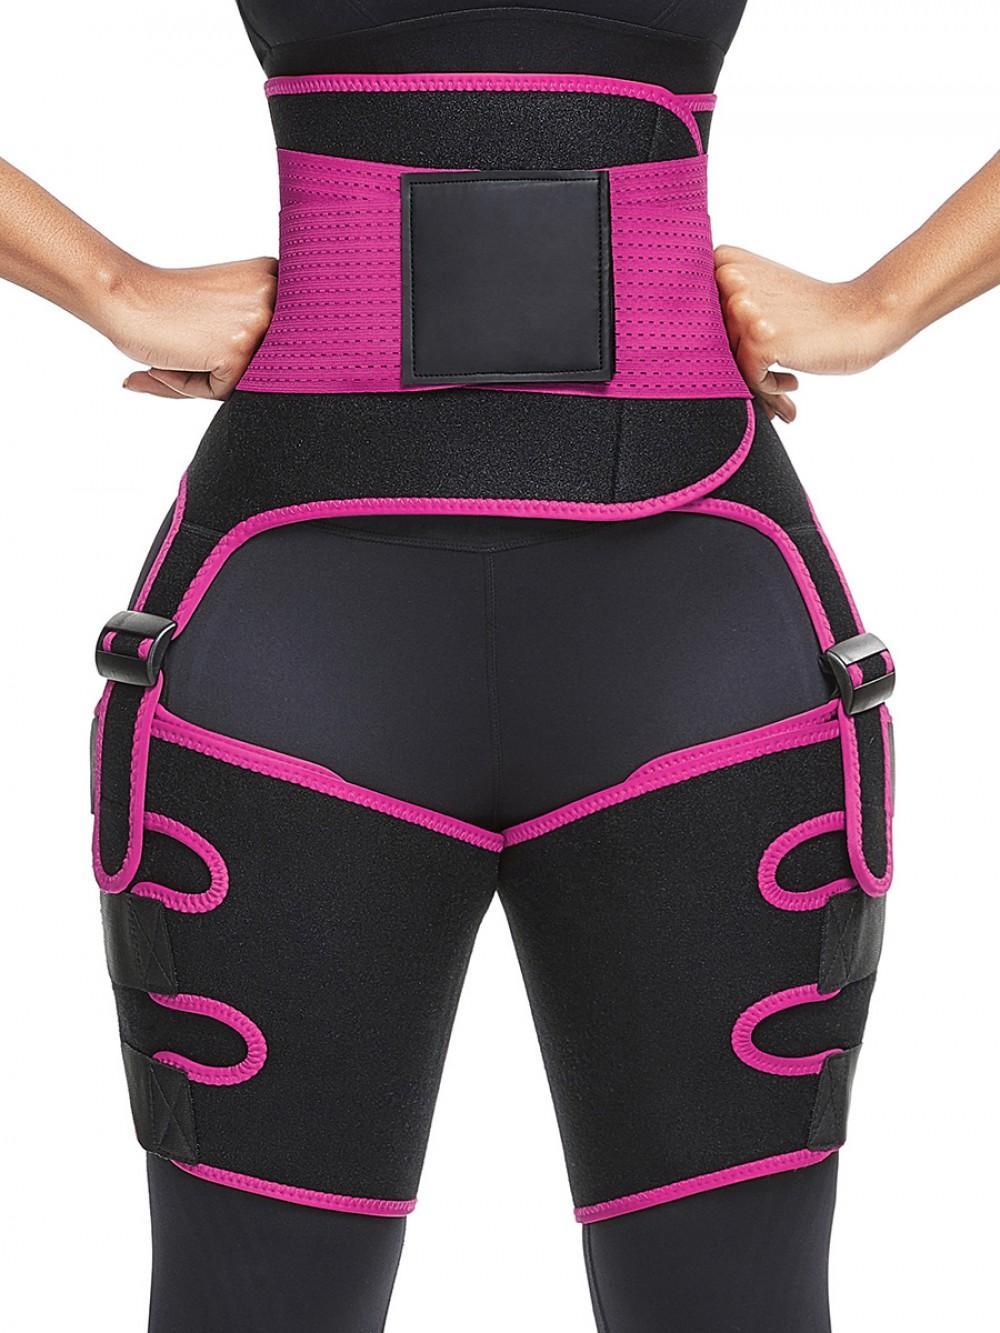 3-em-1 de cintura alta instrutor Coxa Trimmer Hip Enhancer Yoga fitness Peso Bundas Hip Lifter Slimming Suporte Belt Enhancer Shapewear para Mulheres